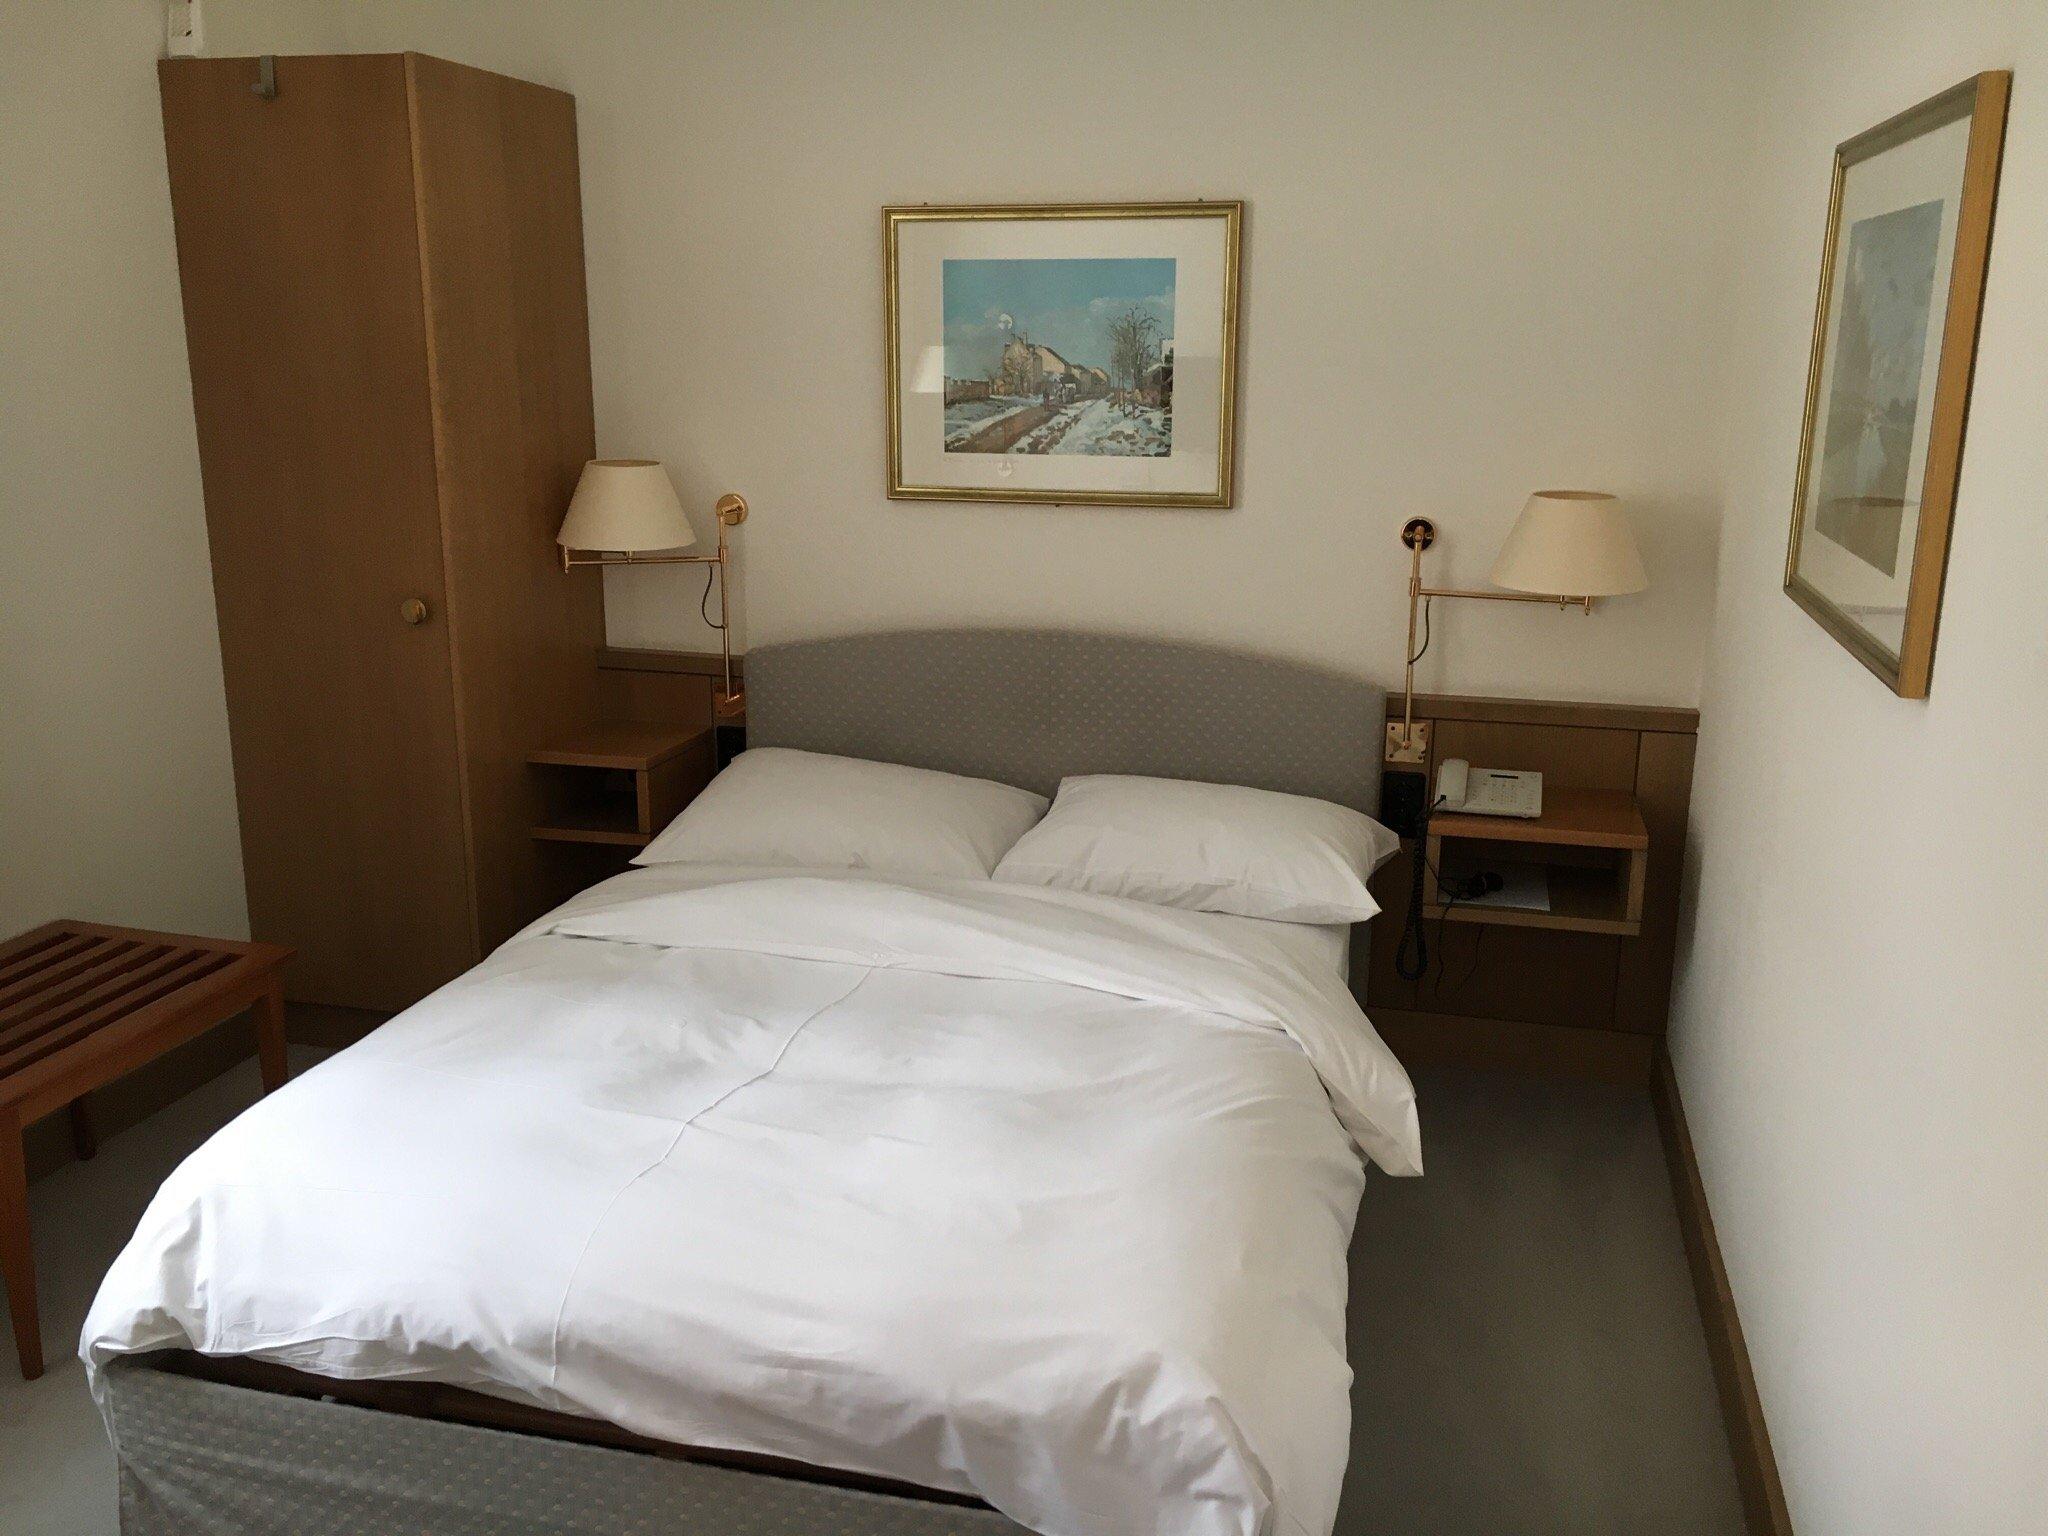 Hotel Gasthof Bad Schauenburg